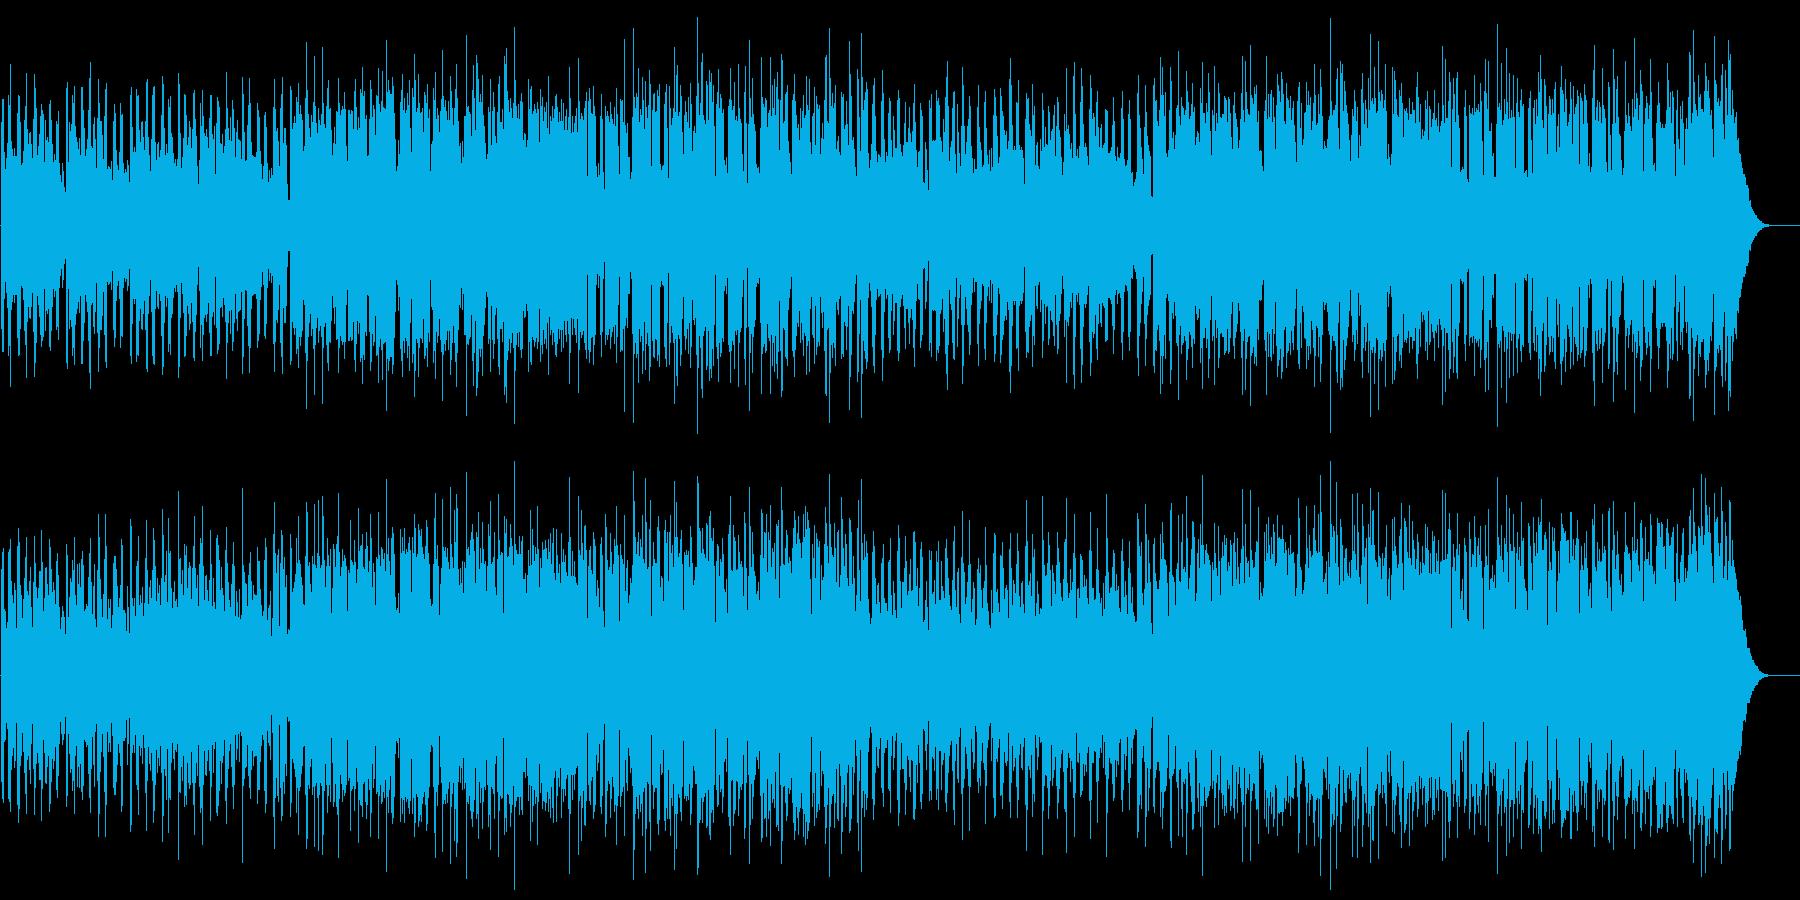 不思議でスタイリッシュなBGMの再生済みの波形